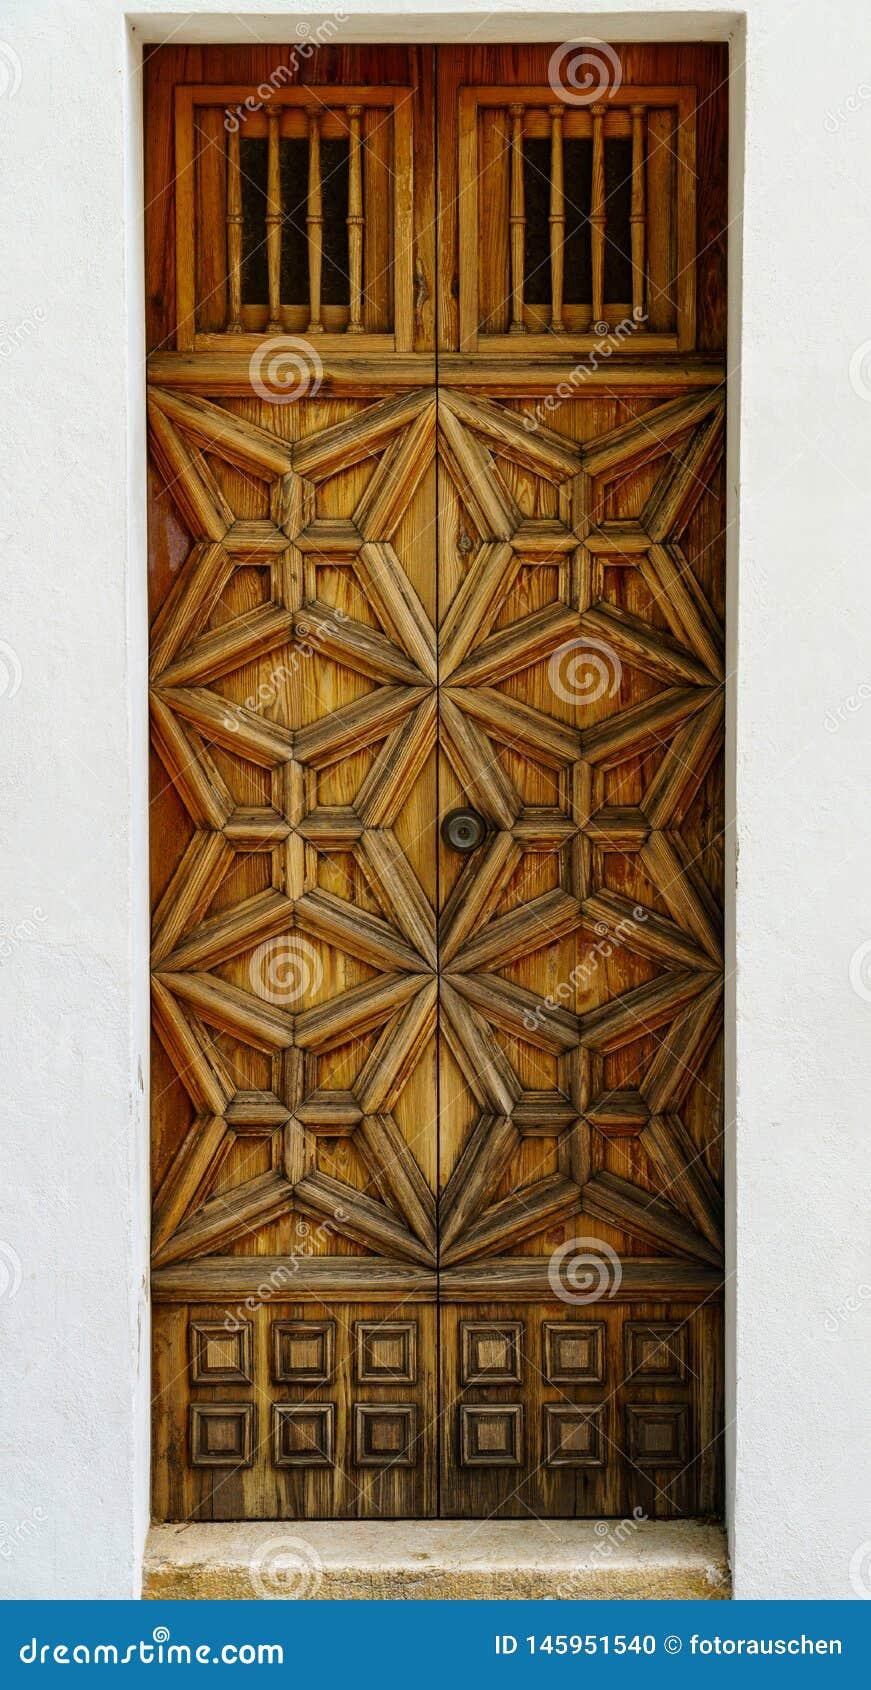 Ξεπερασμένη ξύλινη μπροστινή πόρτα με το περίκομψο ντεκόρ